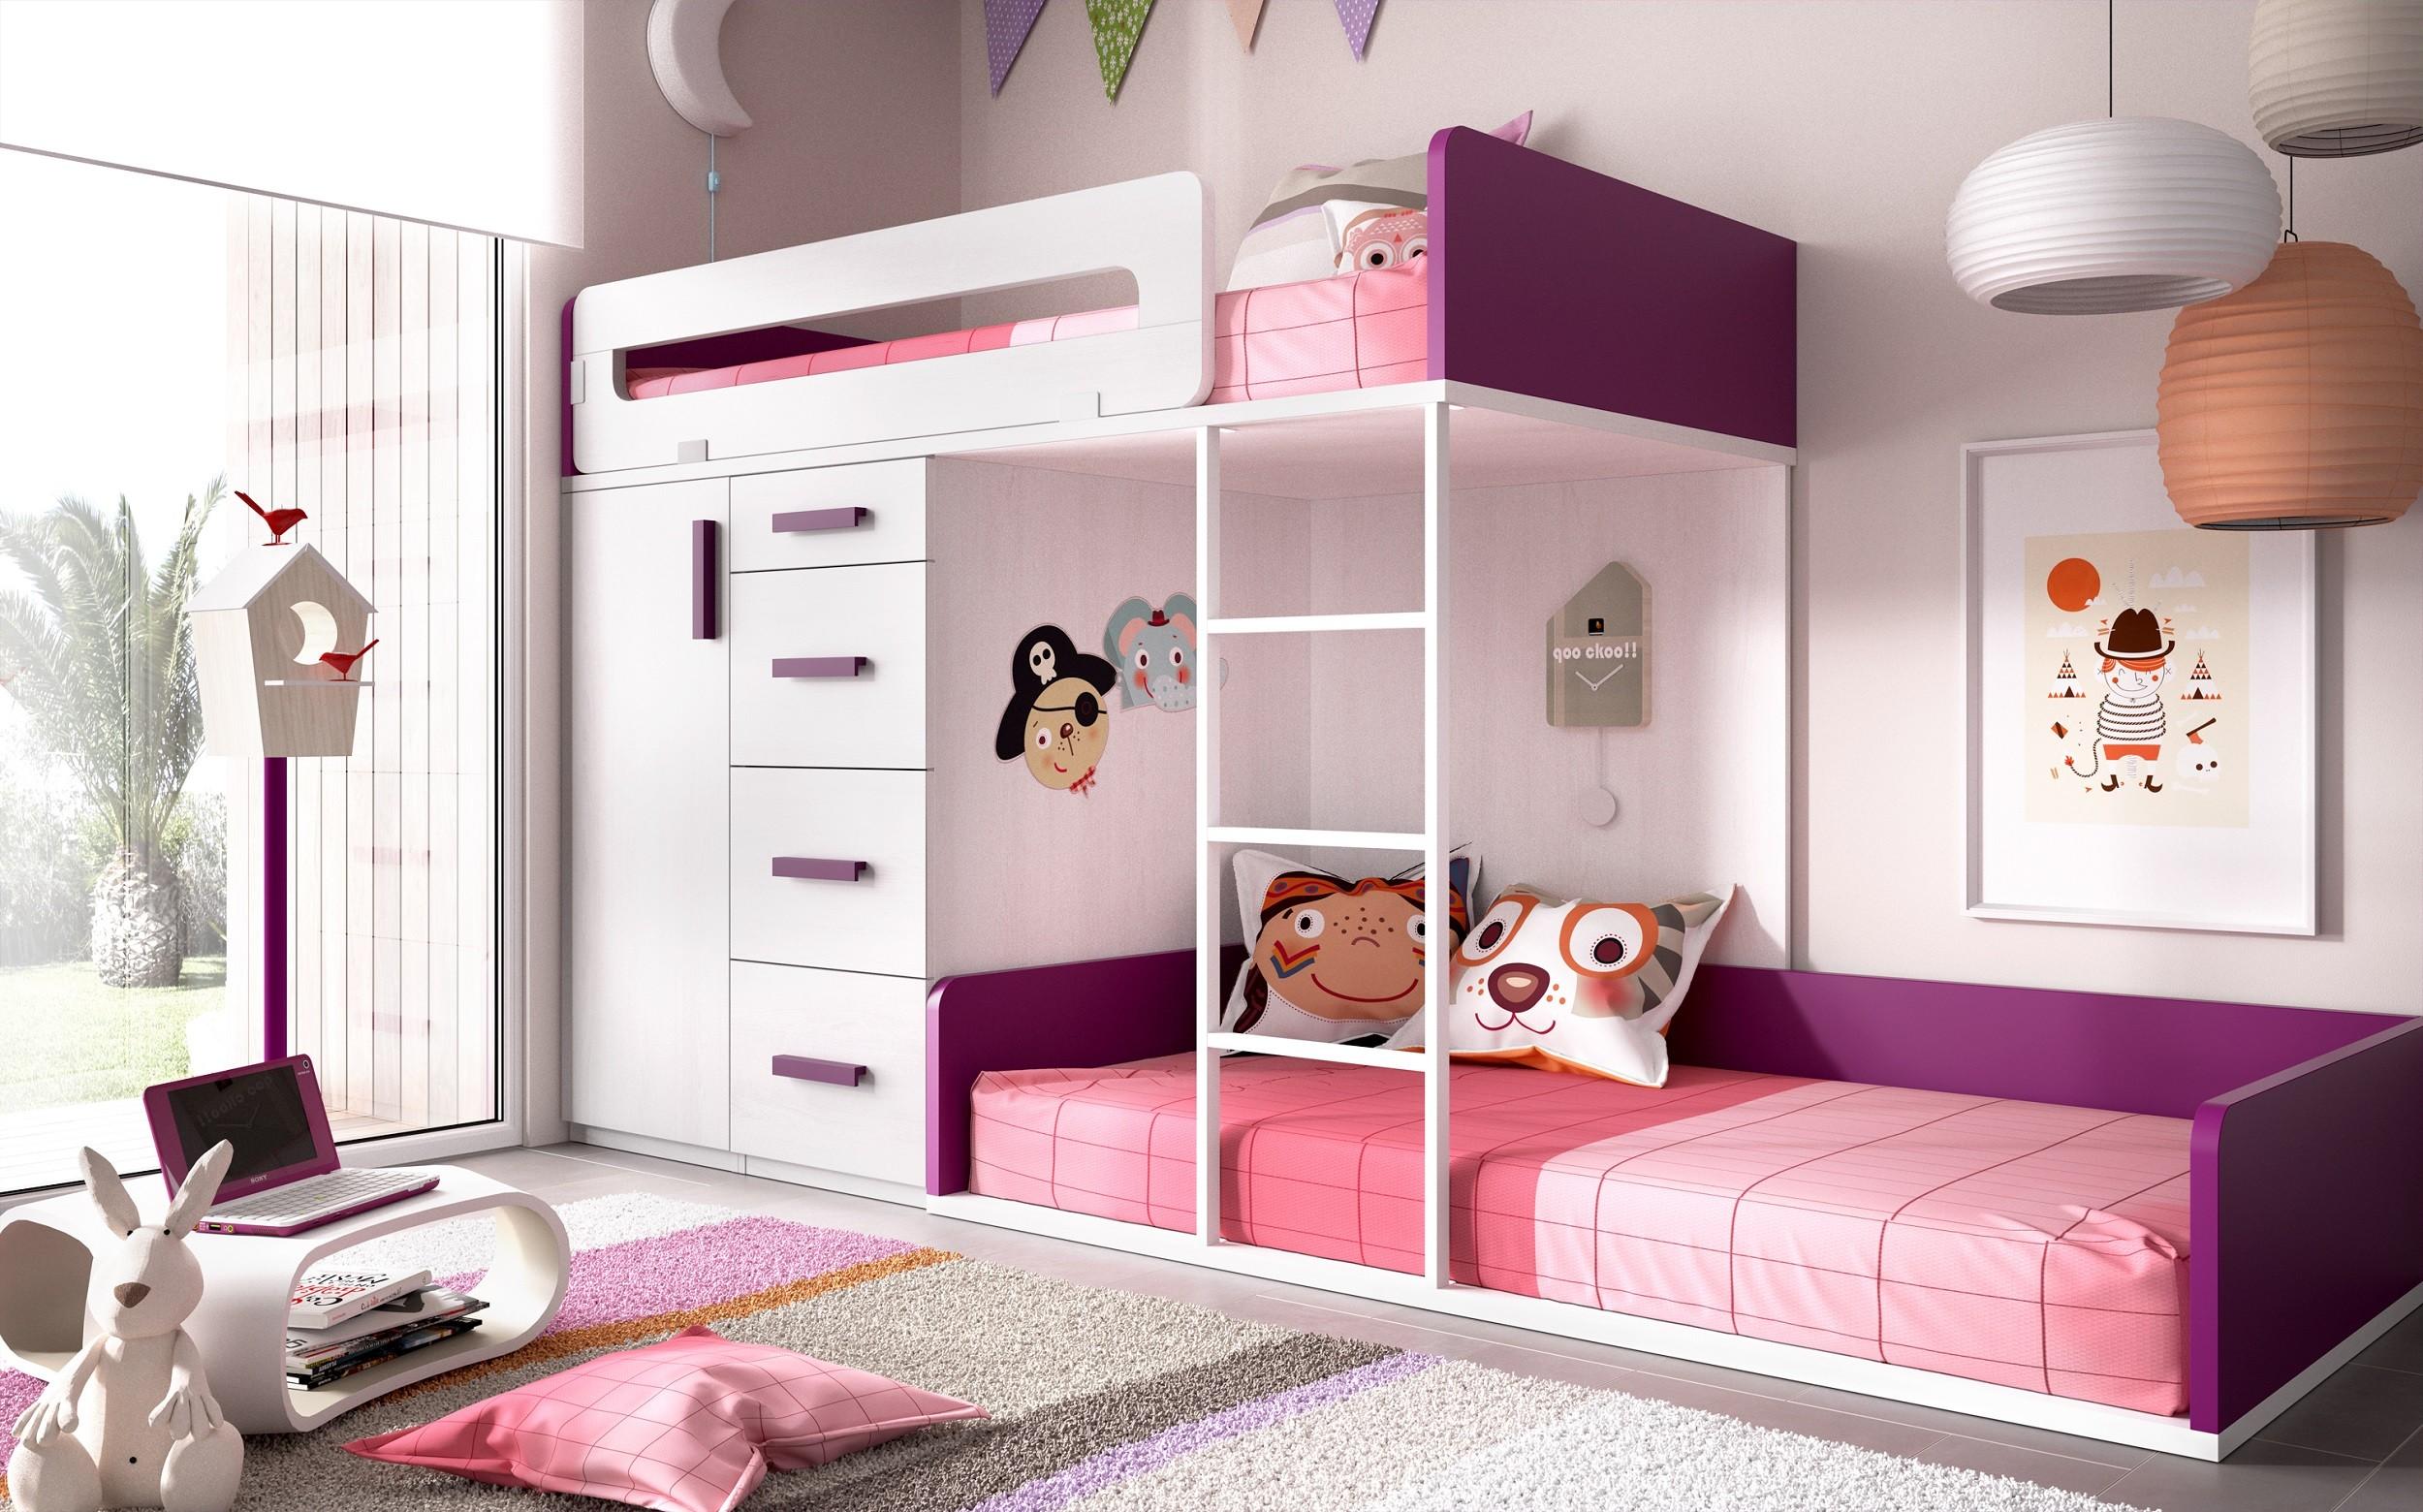 Full Size of Hochbetten Kinderzimmer Hochbett Jump 319 Ambiatode Traum Vom Raum Regal Weiß Regale Sofa Kinderzimmer Hochbetten Kinderzimmer